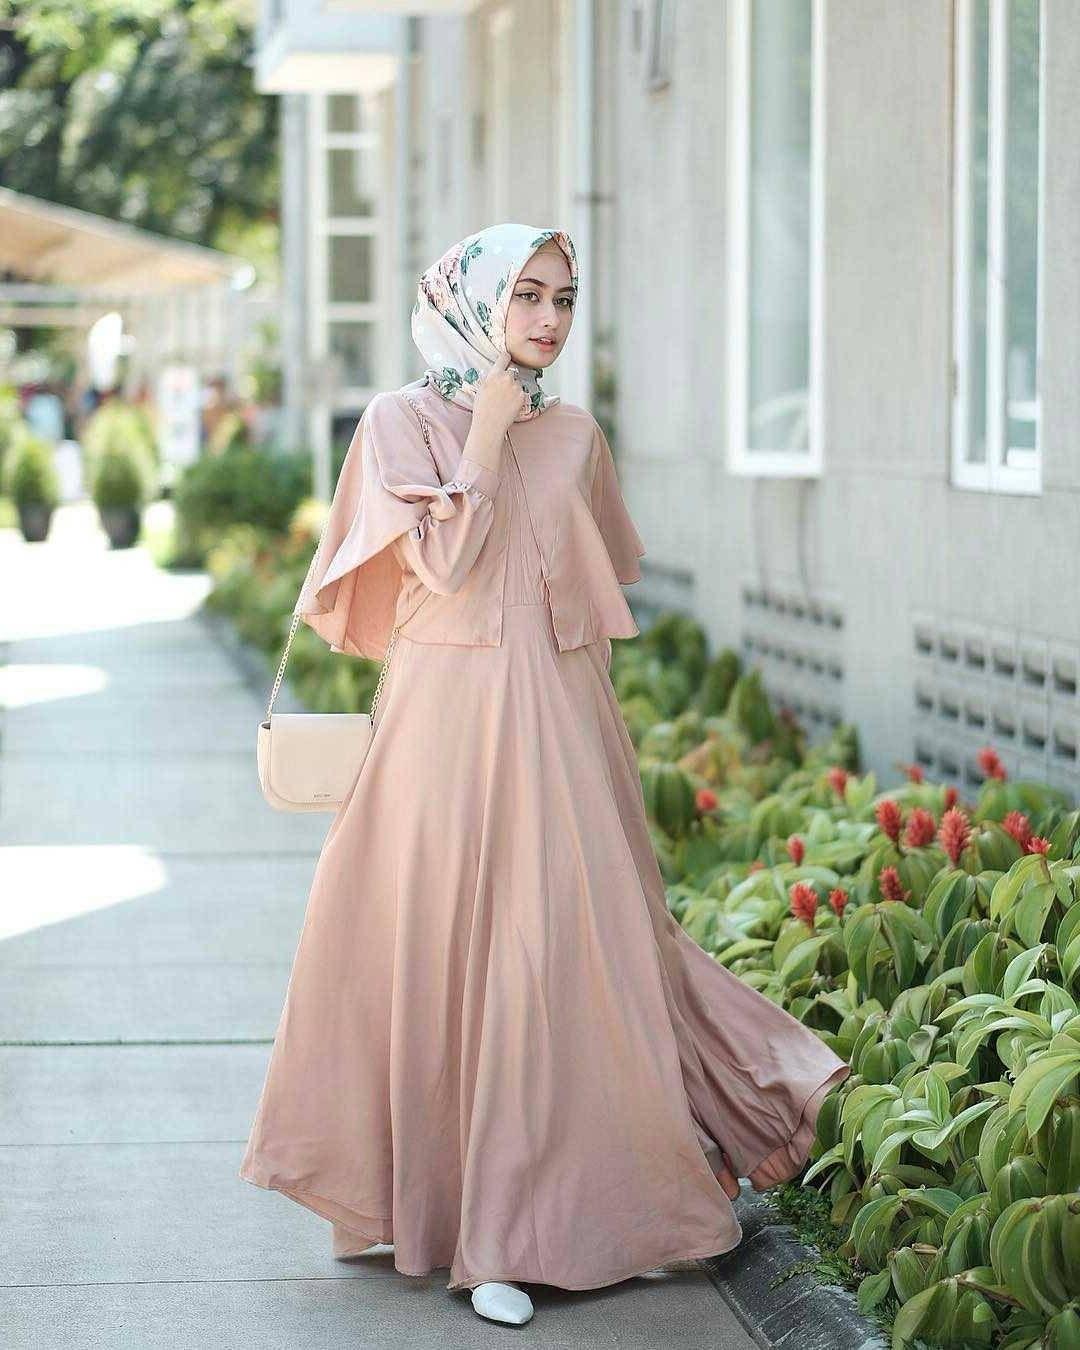 Inspirasi Baju Lebaran Gamis Terbaru S5d8 21 Model Gamis Lebaran 2018 Desain Elegan Casual Dan Modern